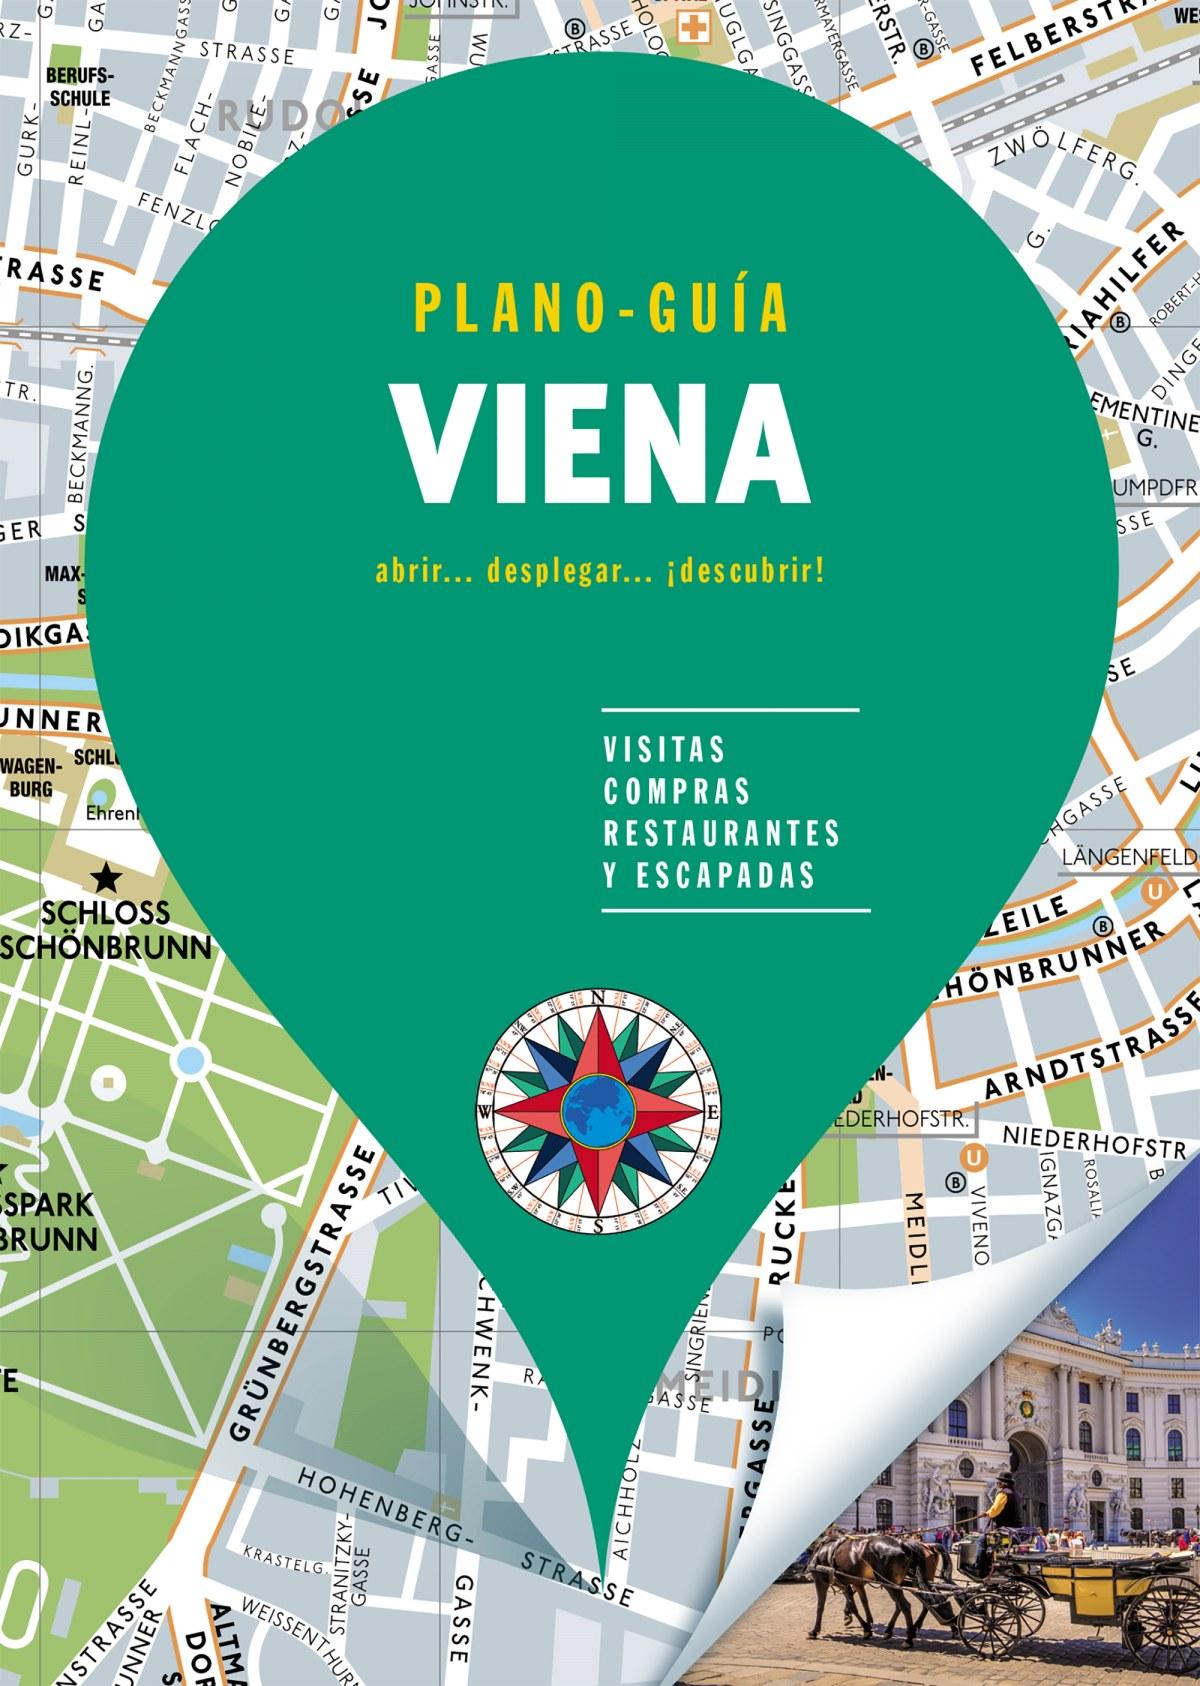 VIENA 2019